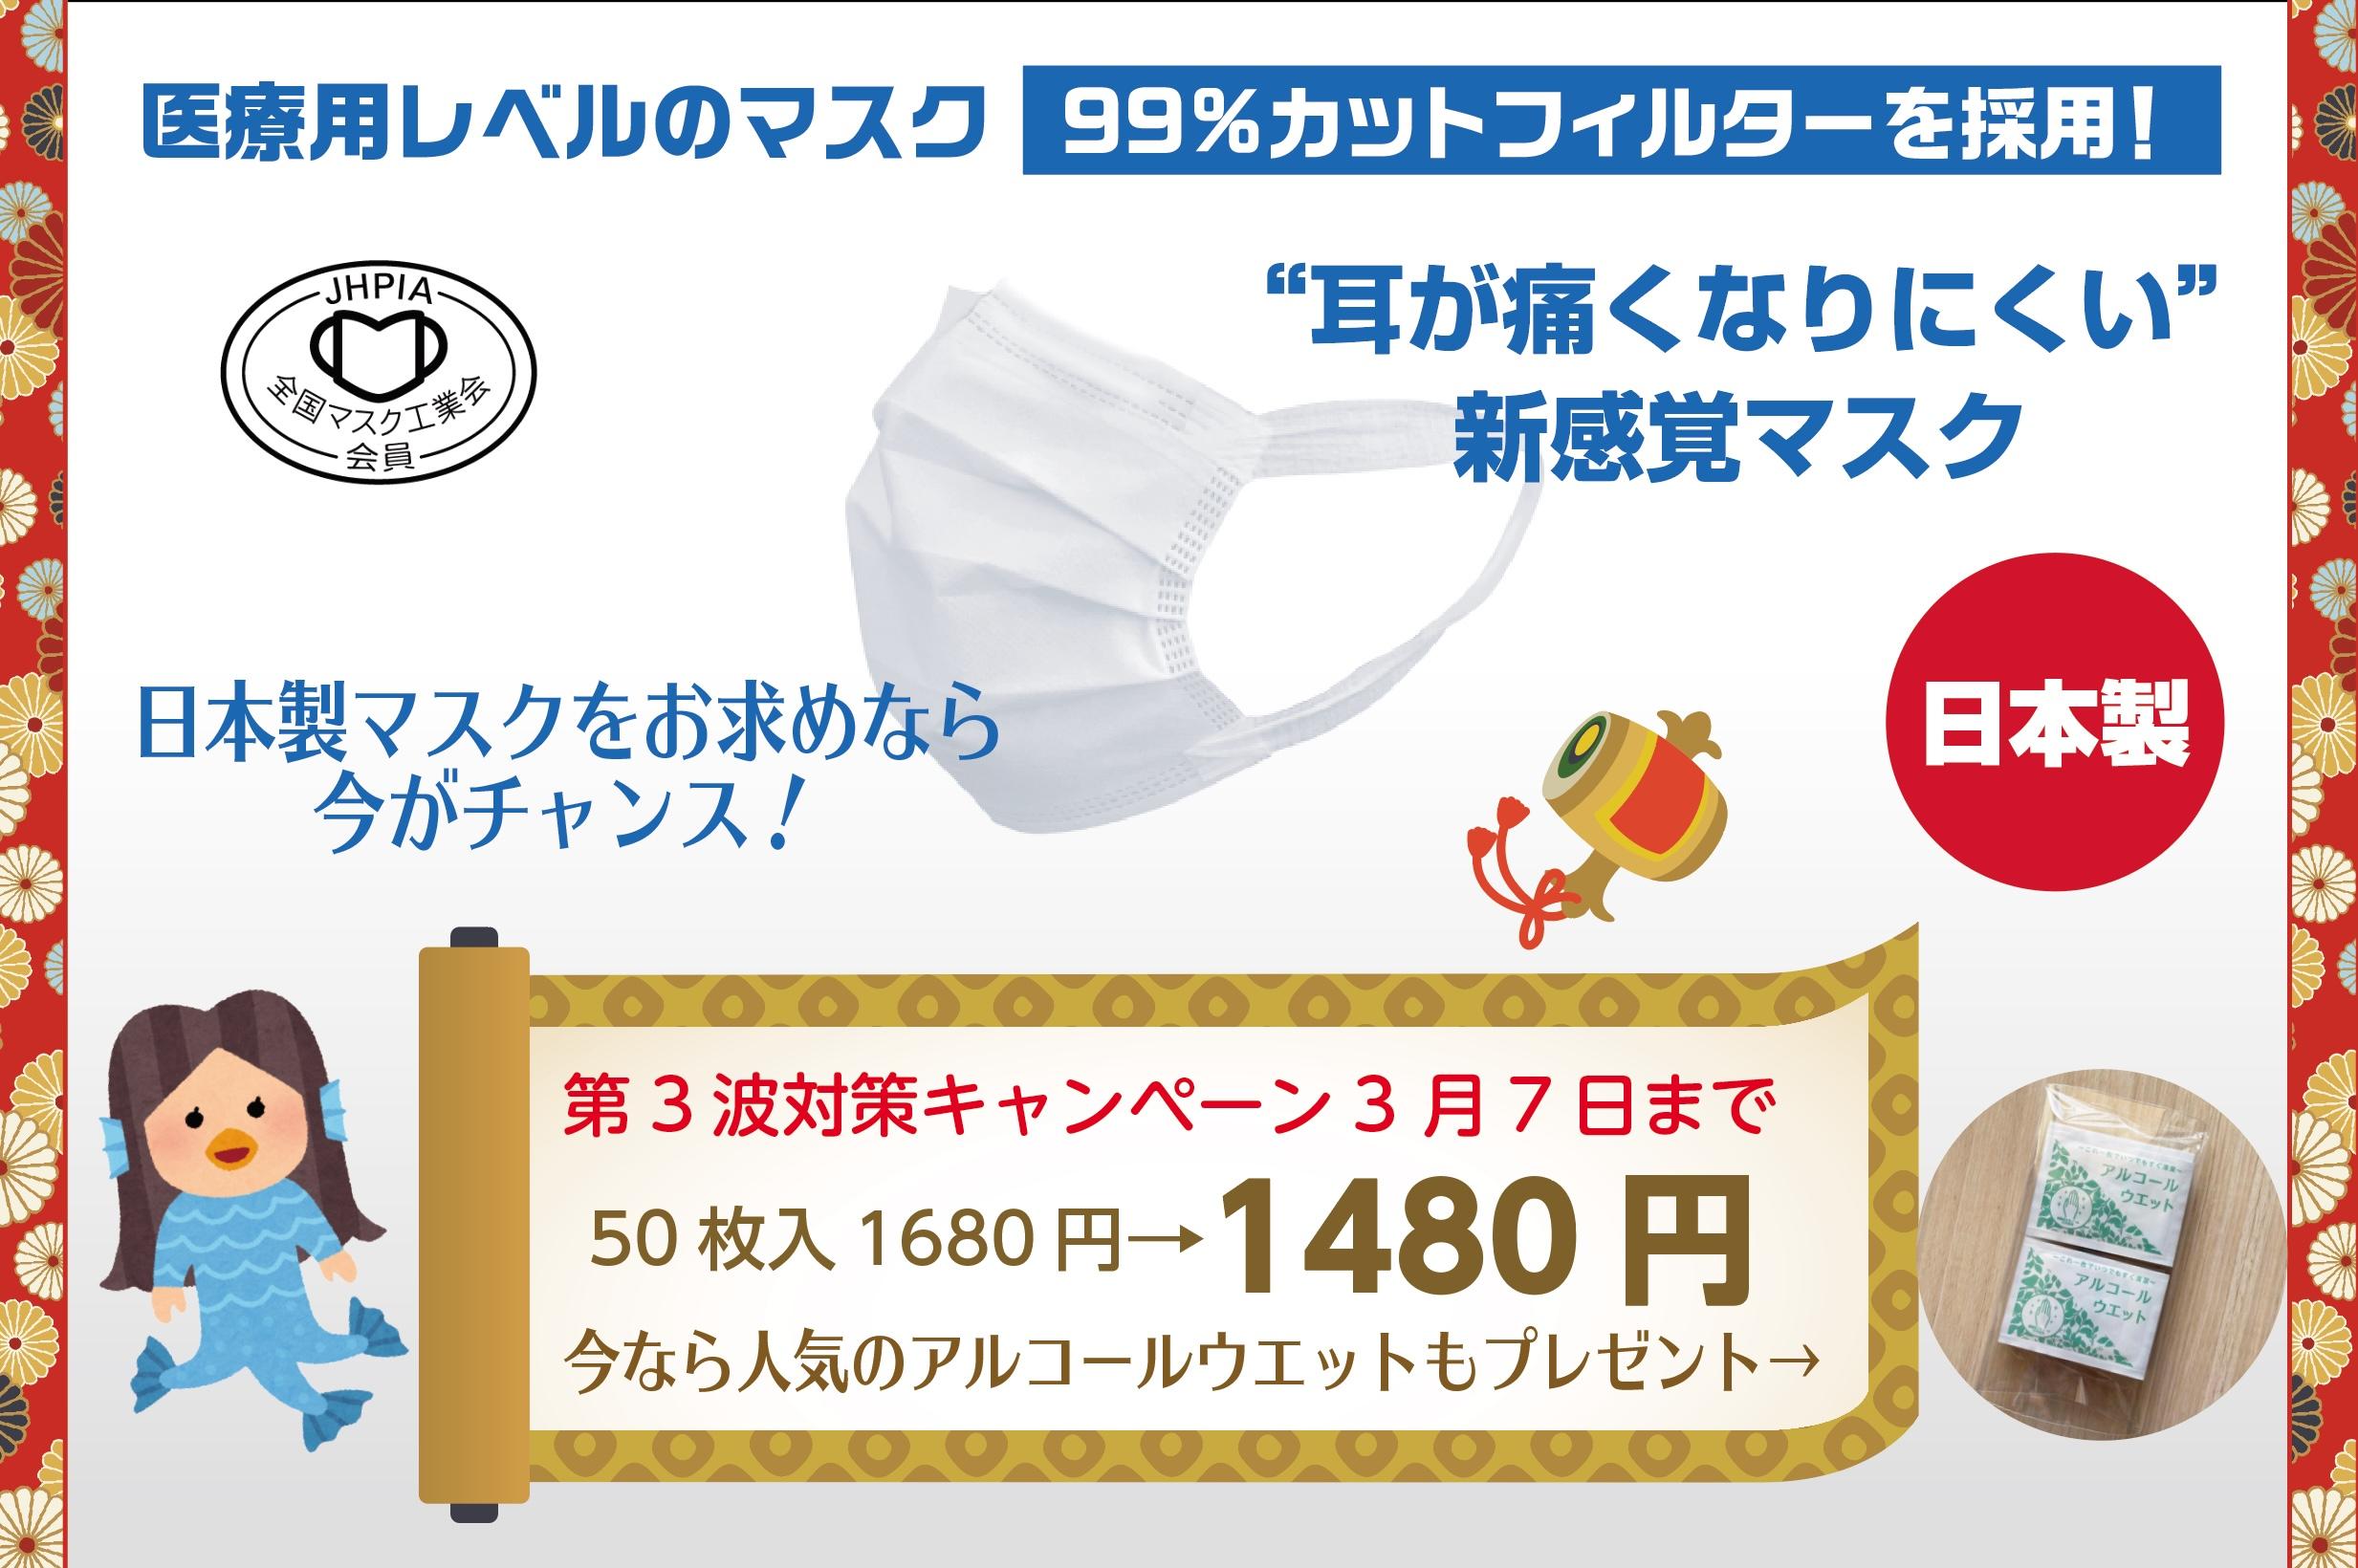 耳らくリラマスク<小さめサイズ>《日本製》